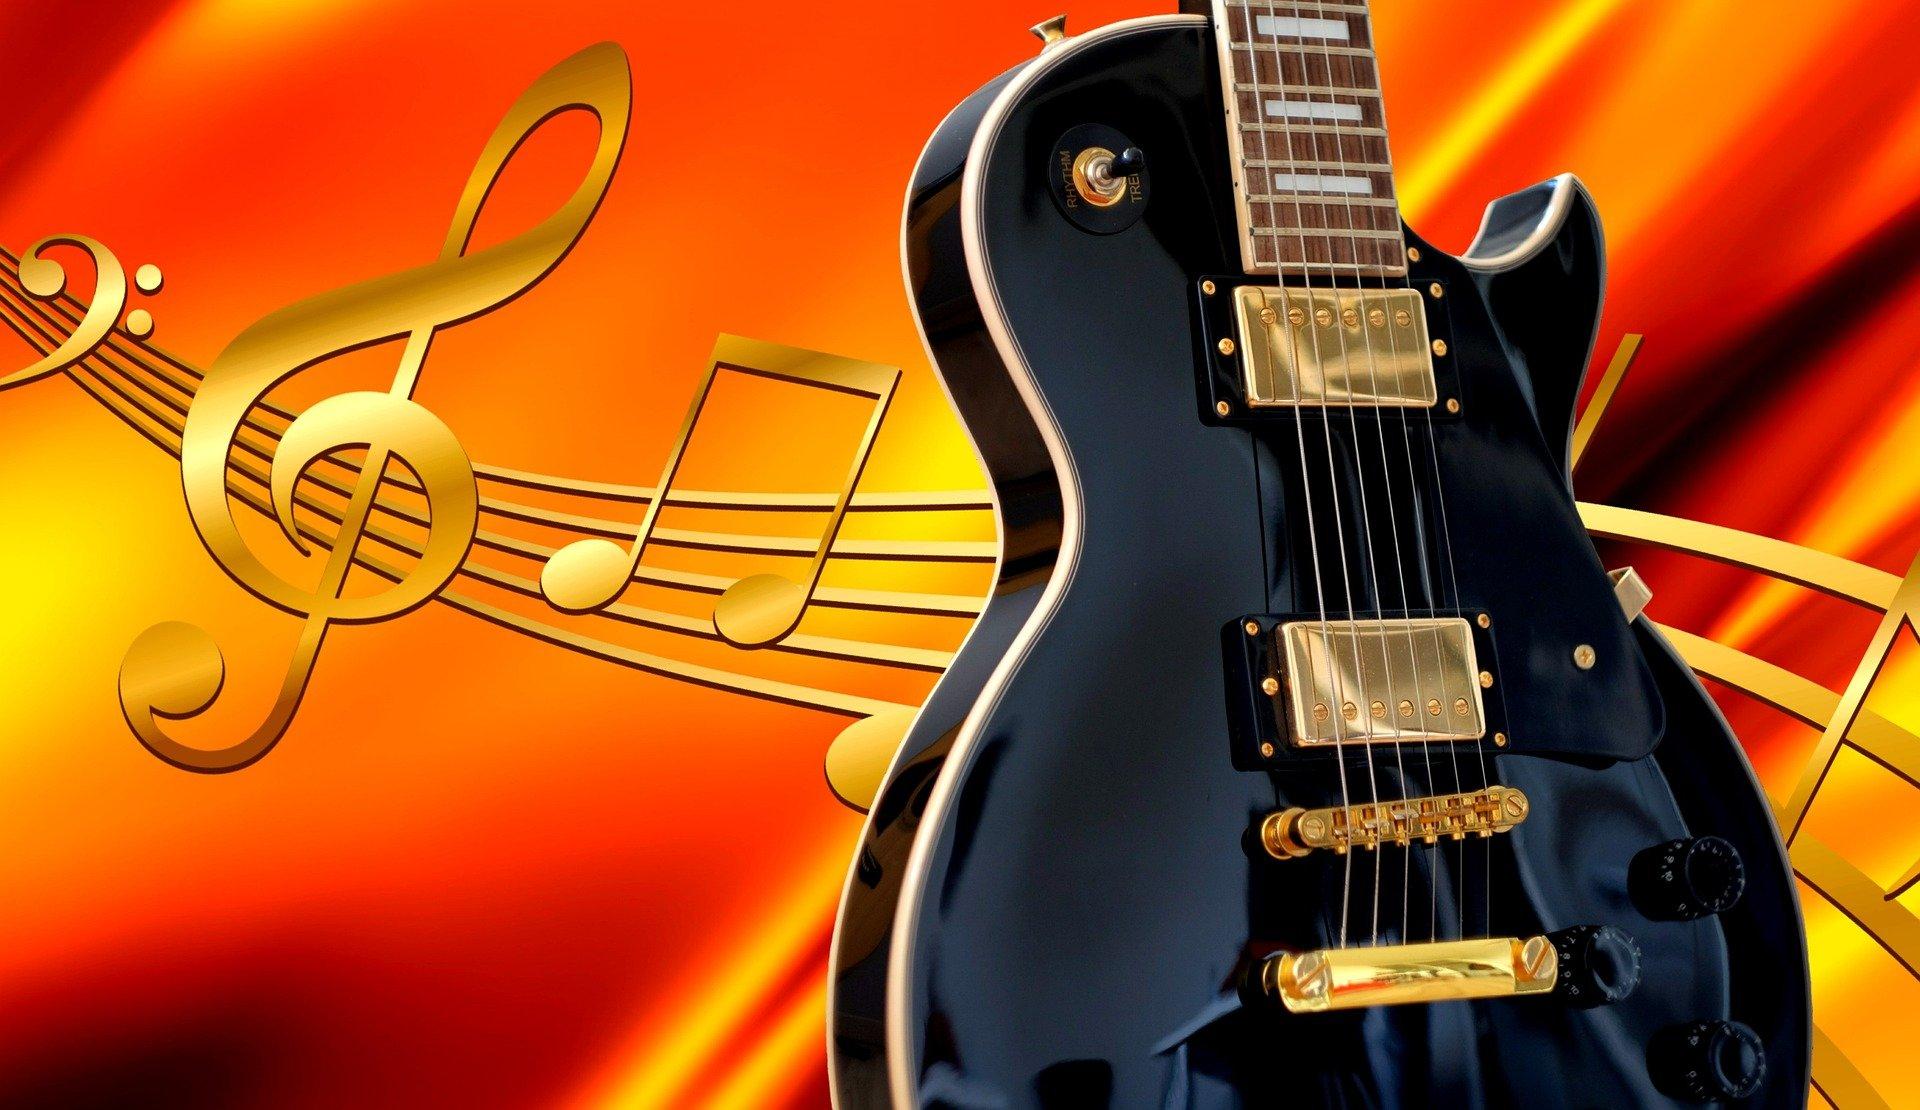 Gibson Guitar un gigante in difficoltà